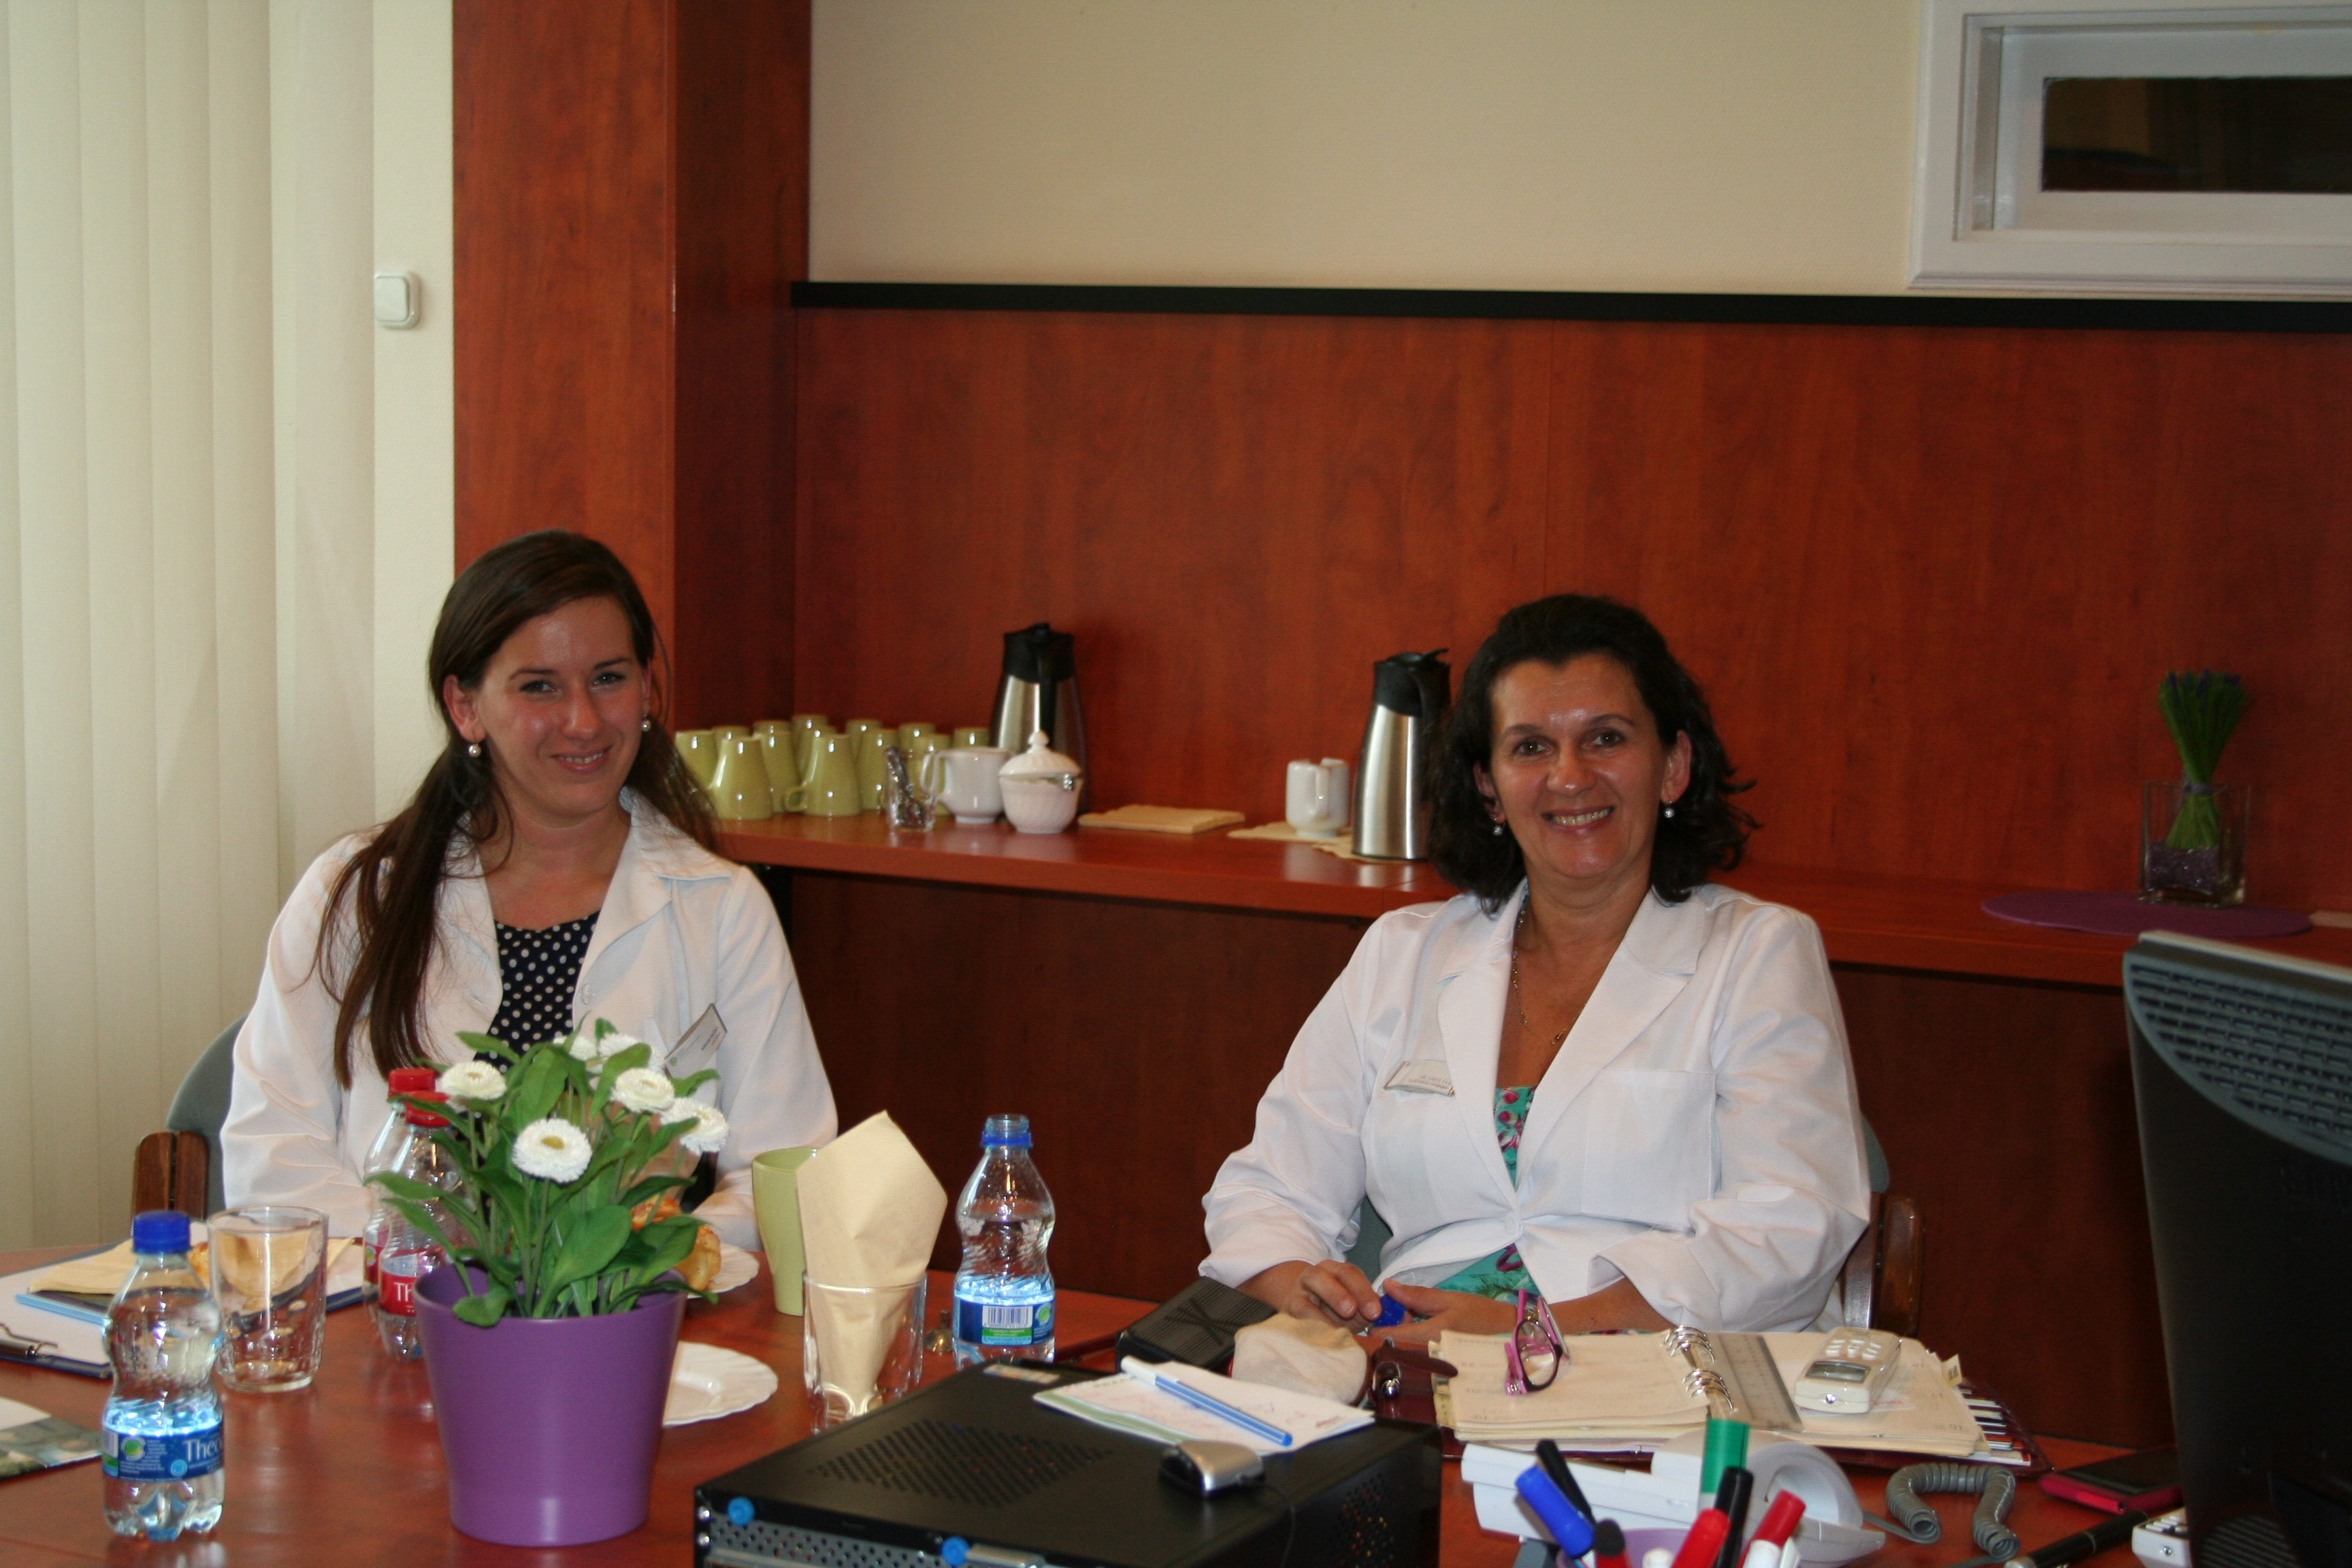 Az Országos Gerincgyógyászati Központ tájékoztatása a XII. kerületi háziorvosoknak.